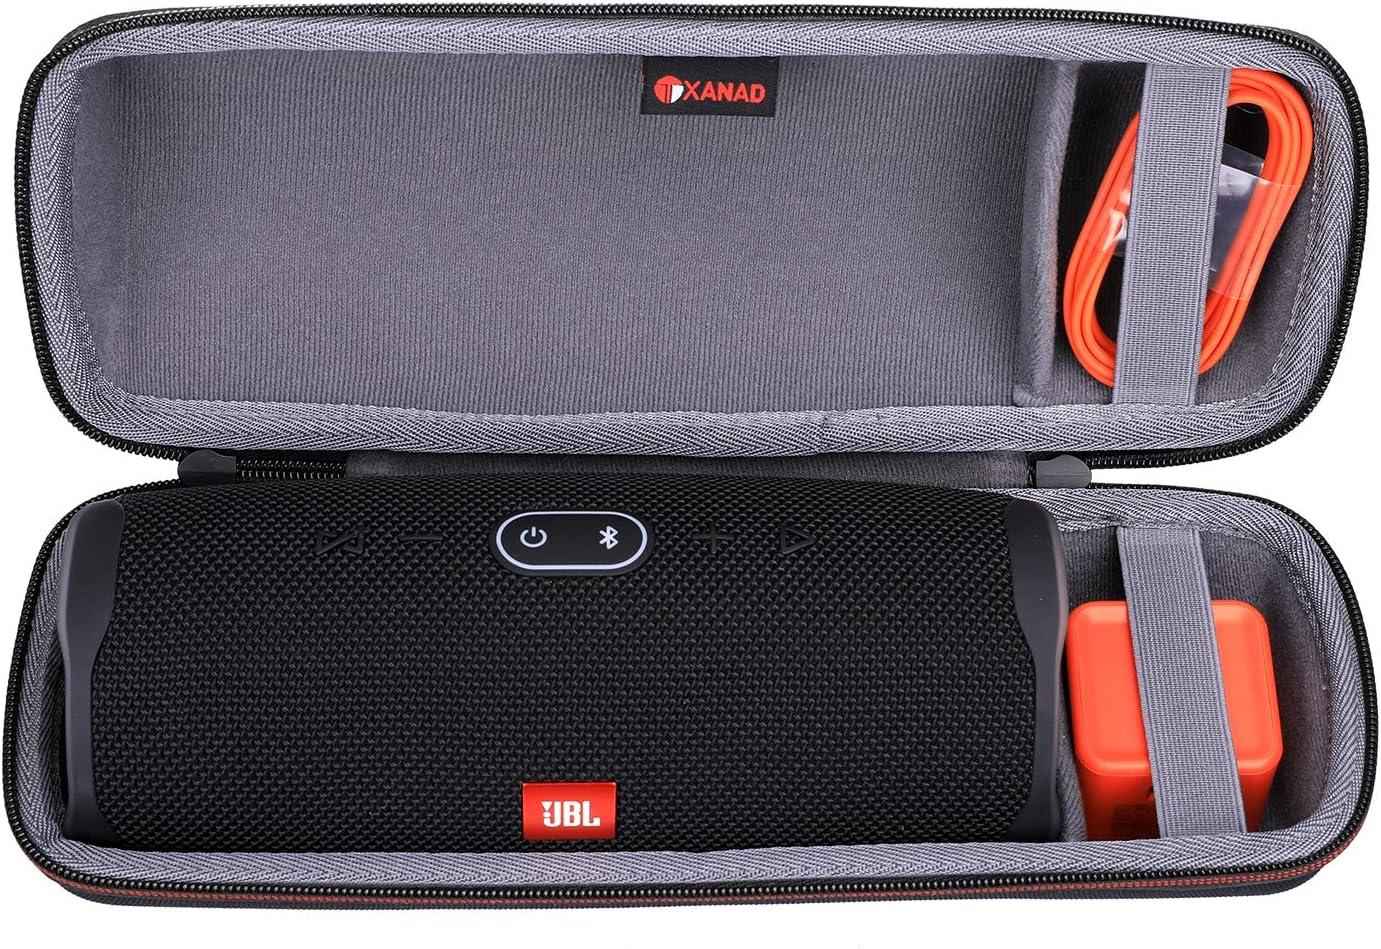 XANAD Funda Protectora para JBL Charge 4 - Altavoz inalámbrico portátil con Bluetooth, parlante Resistente al Agua